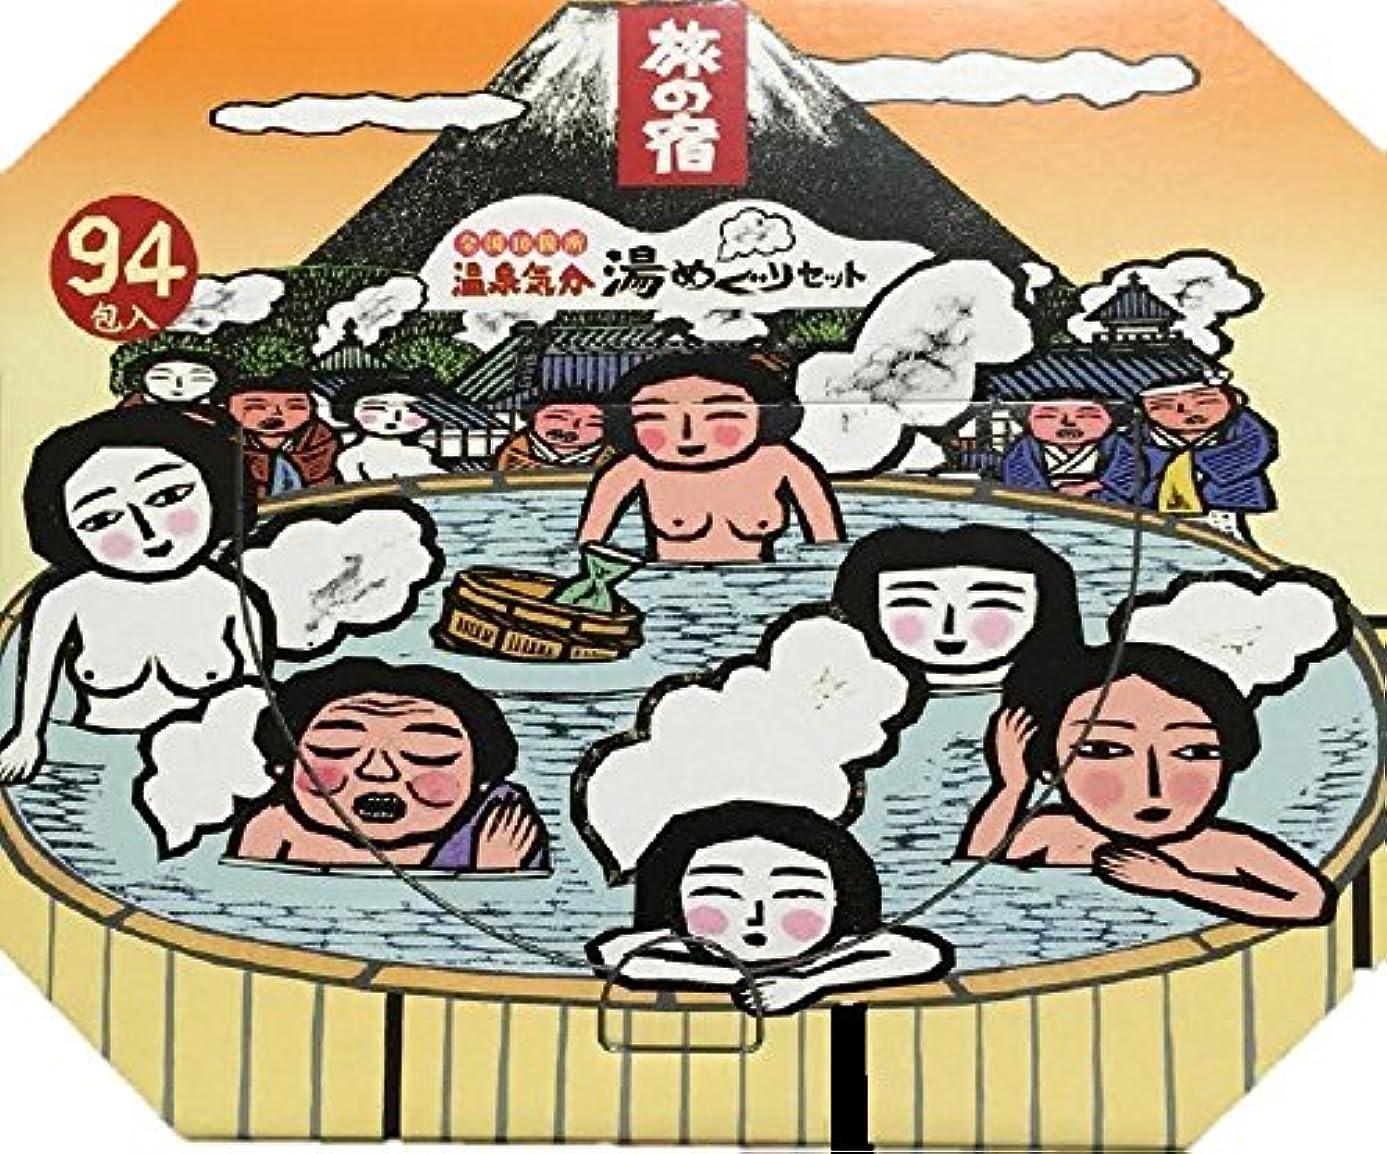 突き刺すピニオン無数の旅の宿(薬用入浴剤) 全国10箇所温泉気分 湯めぐりセット94包入 2箱セット